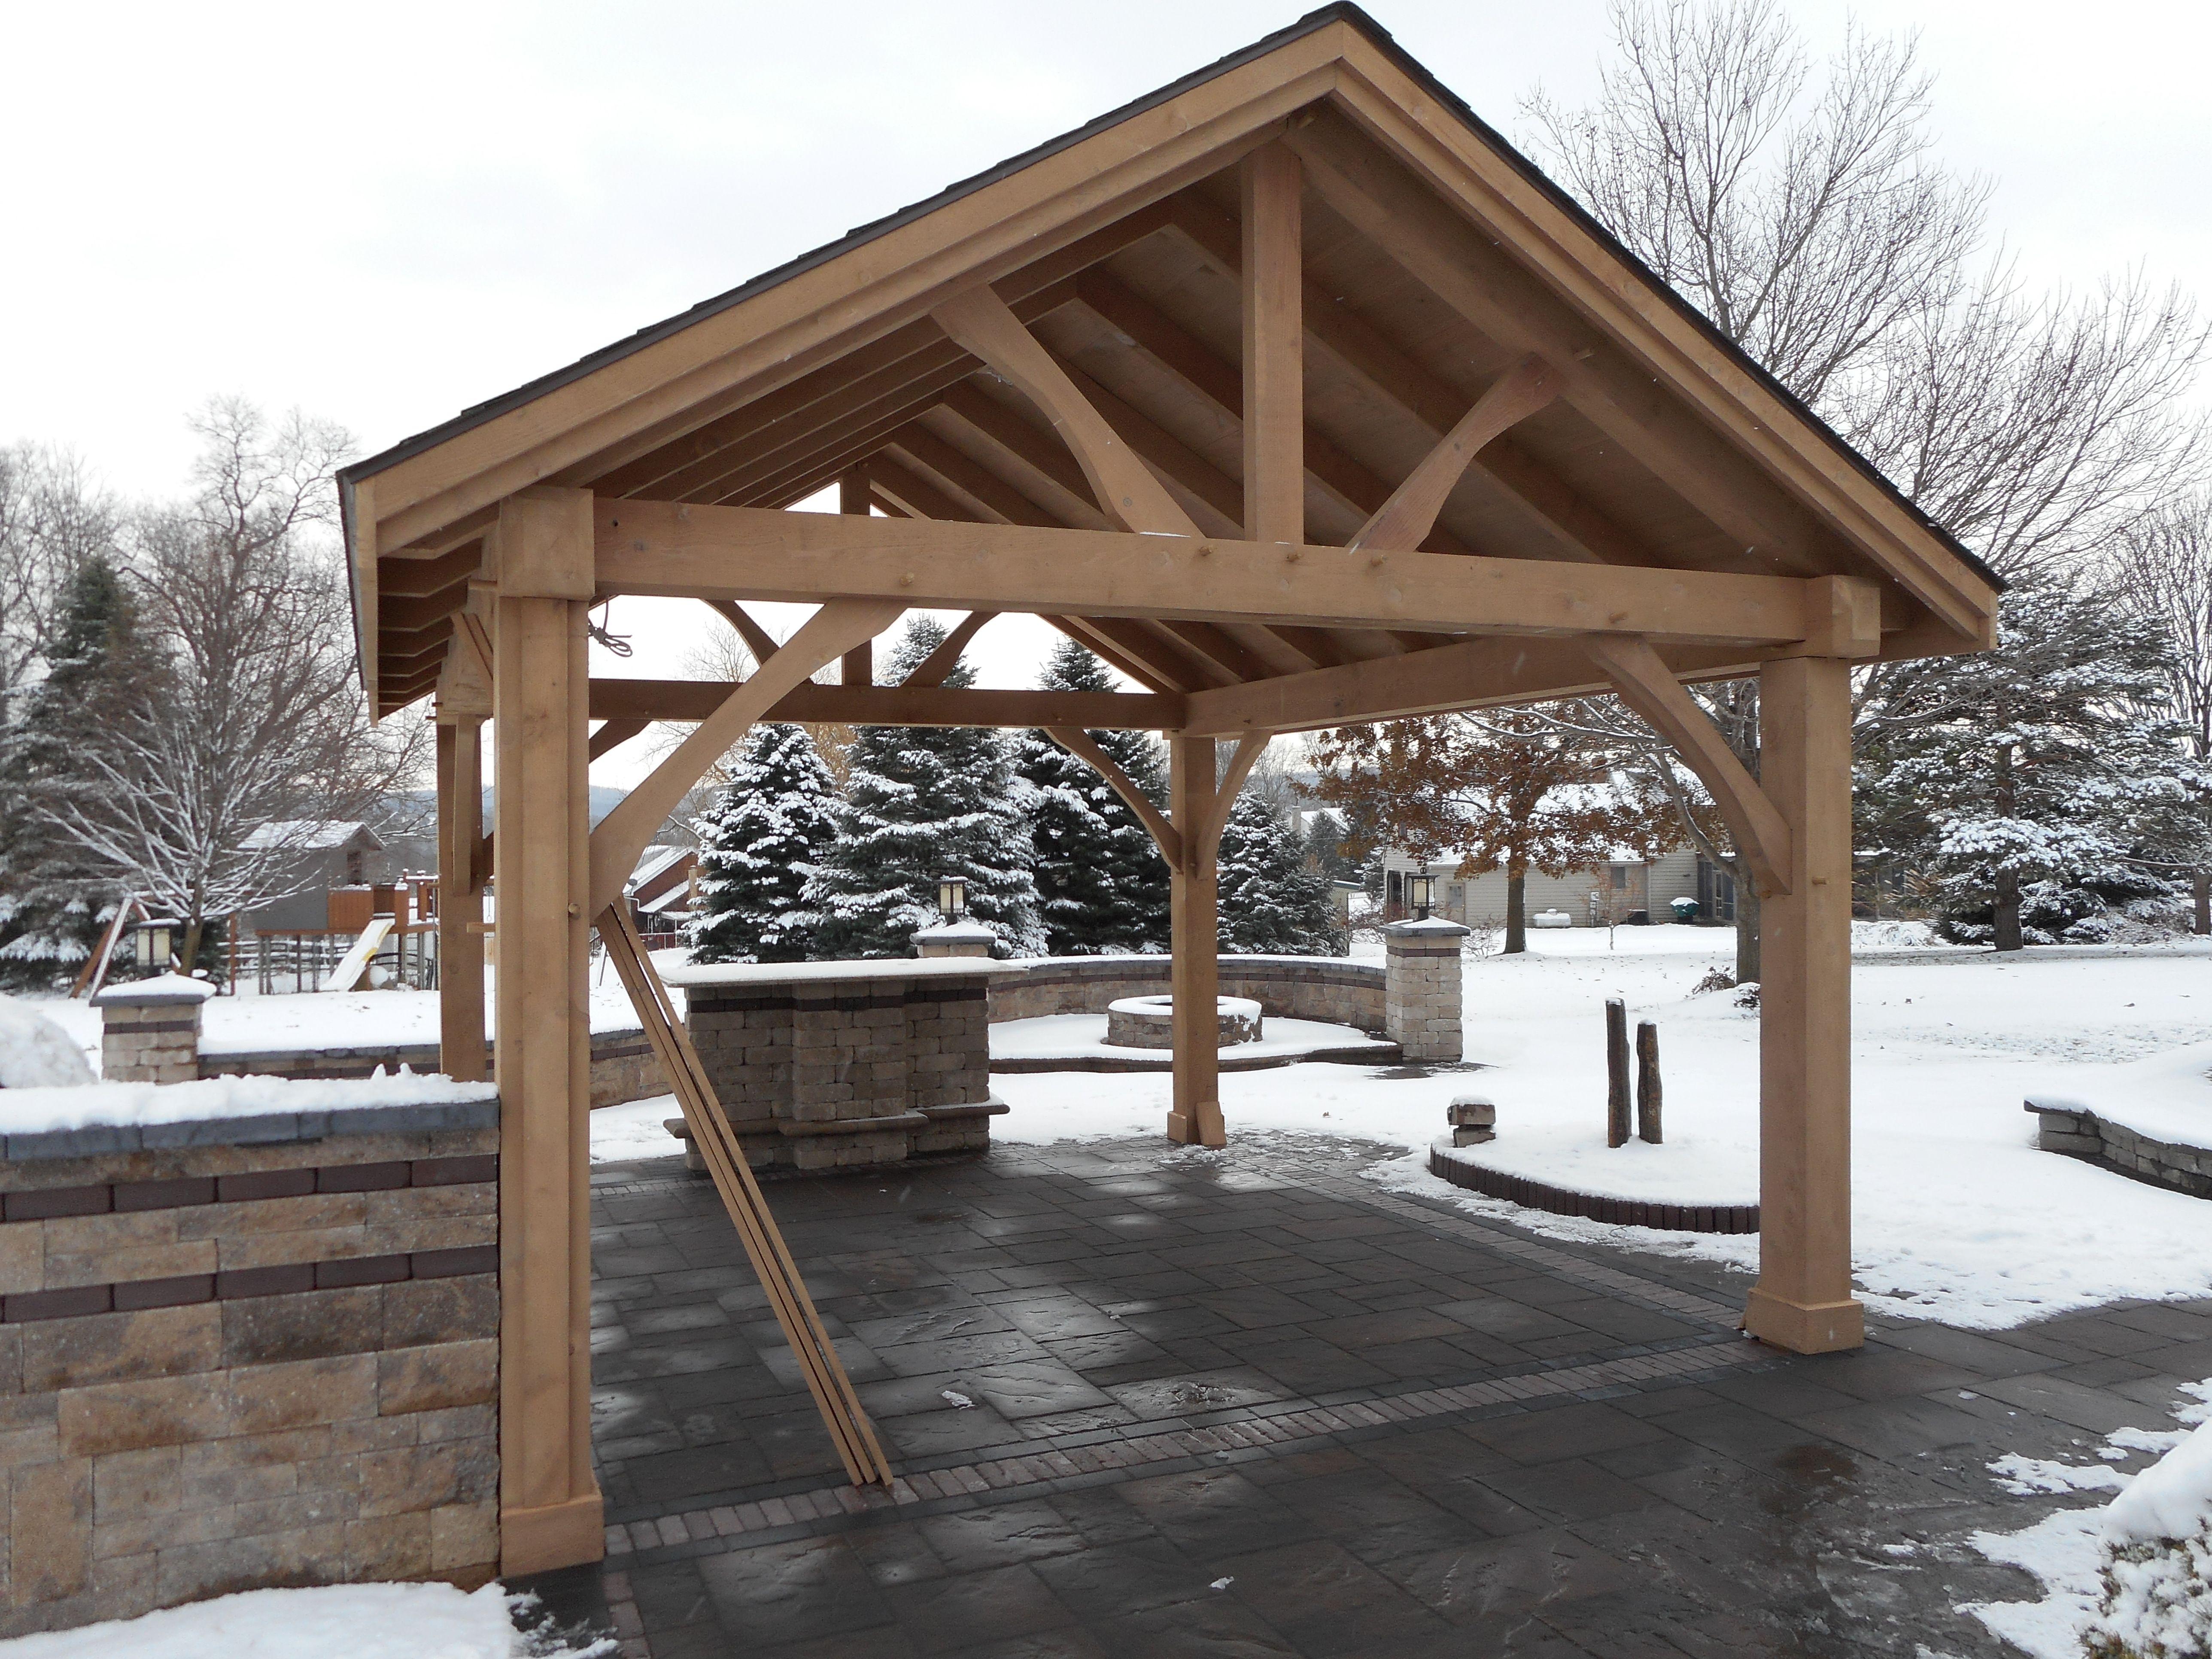 Rough Sawn Pavilion Pavilion Gazebo Patio